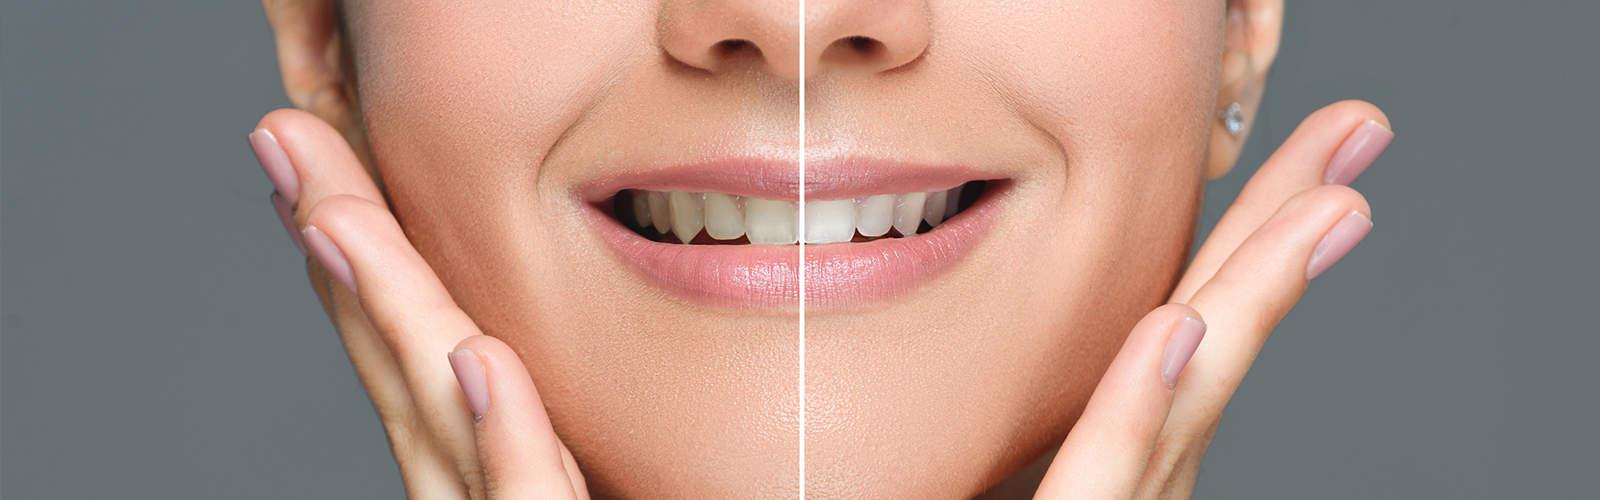 Före & efter en tandblekning